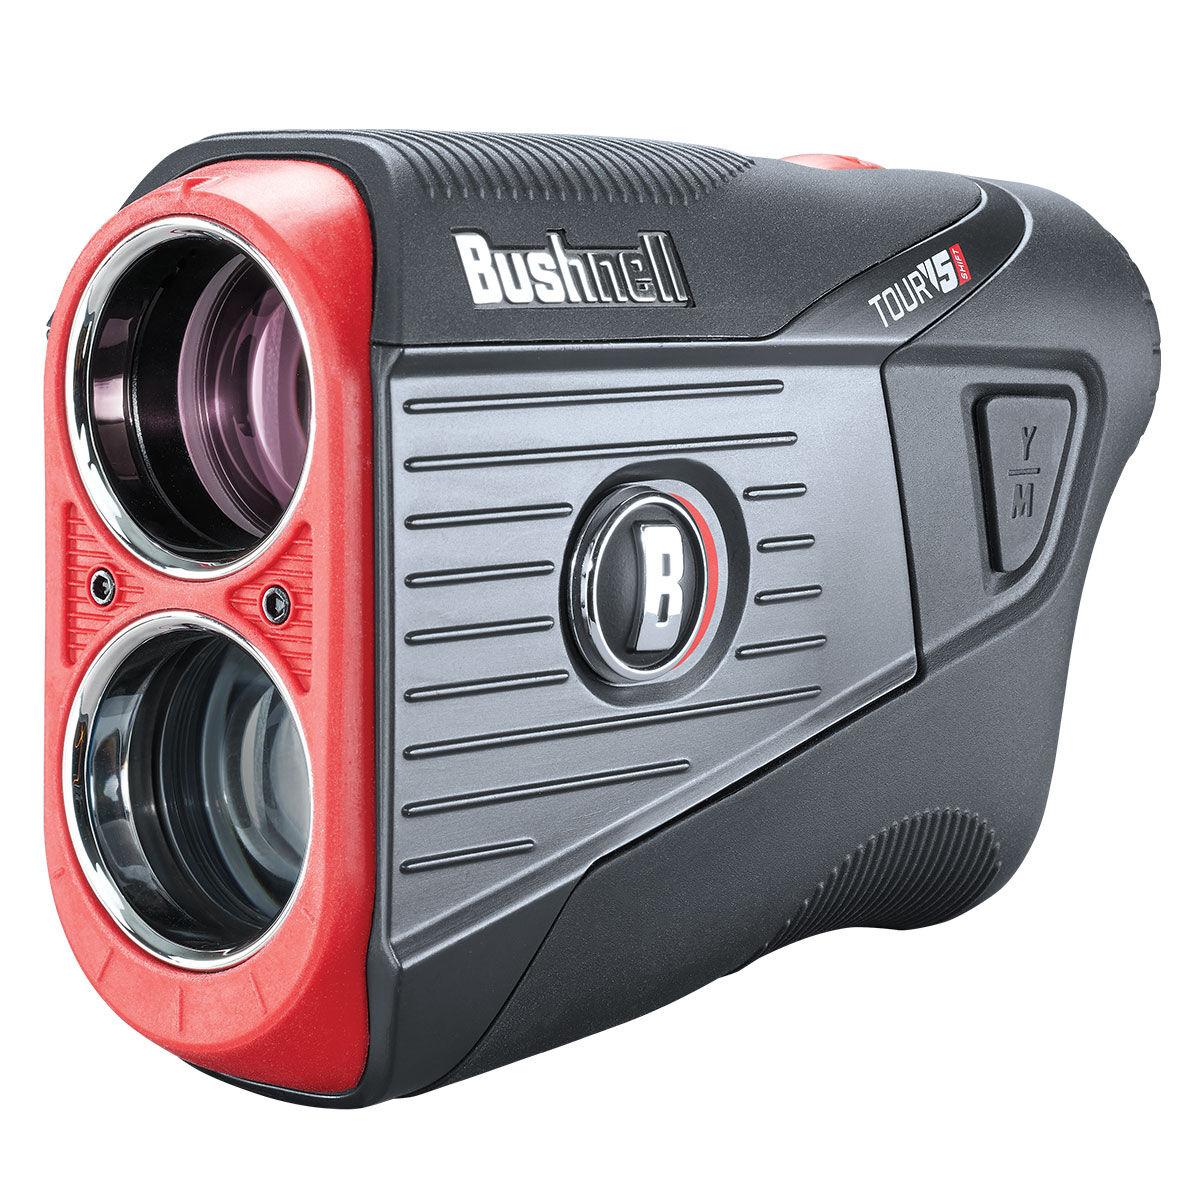 Bushnell Mens Black and Orange TOUR V5 Shift Slim Rangefinder 2021, Size: One Size | American Golf | American Golf